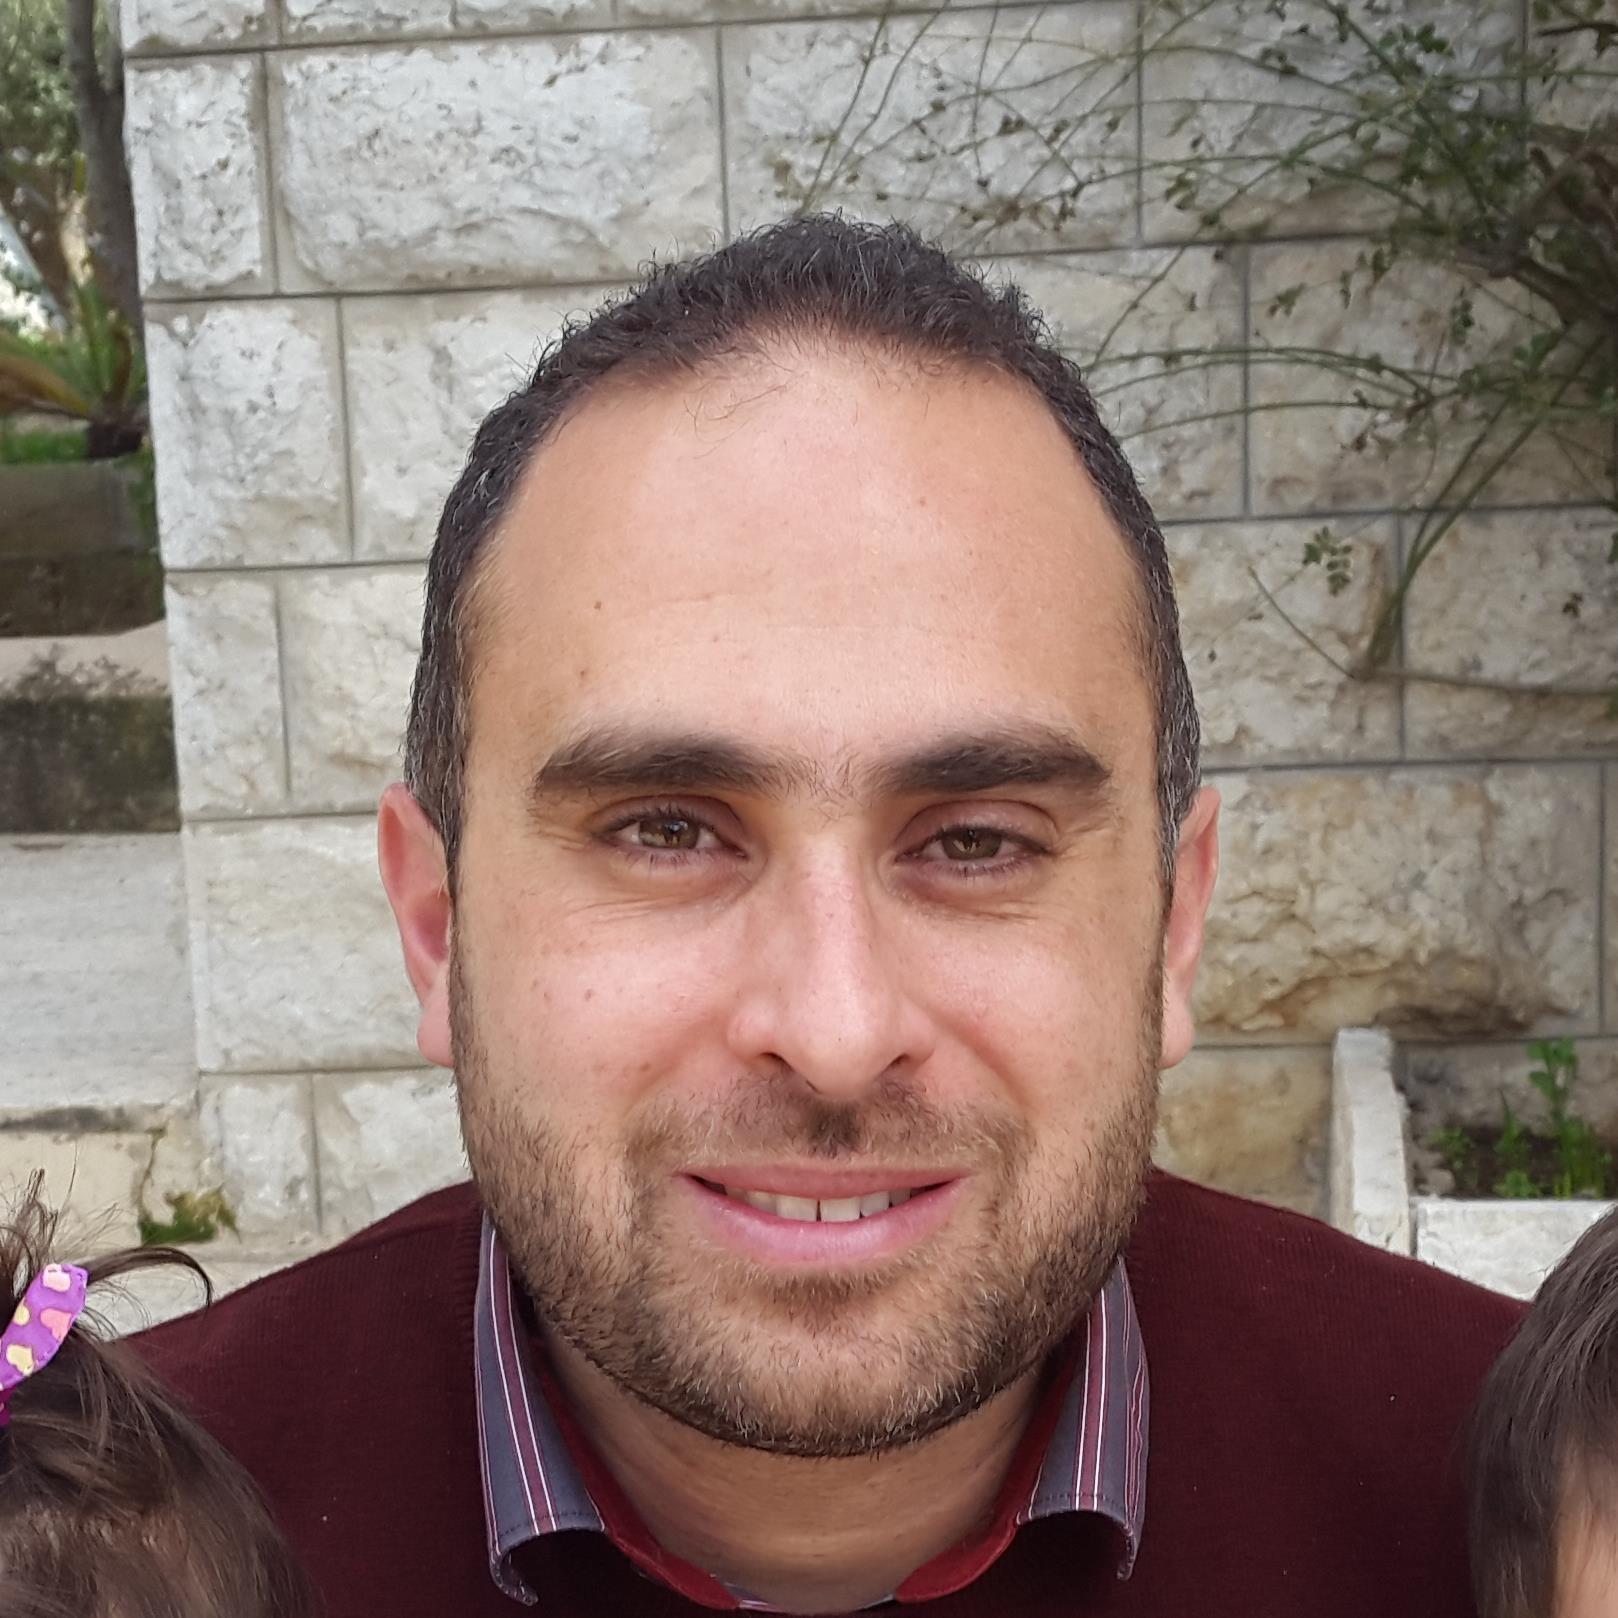 Imad Jafar